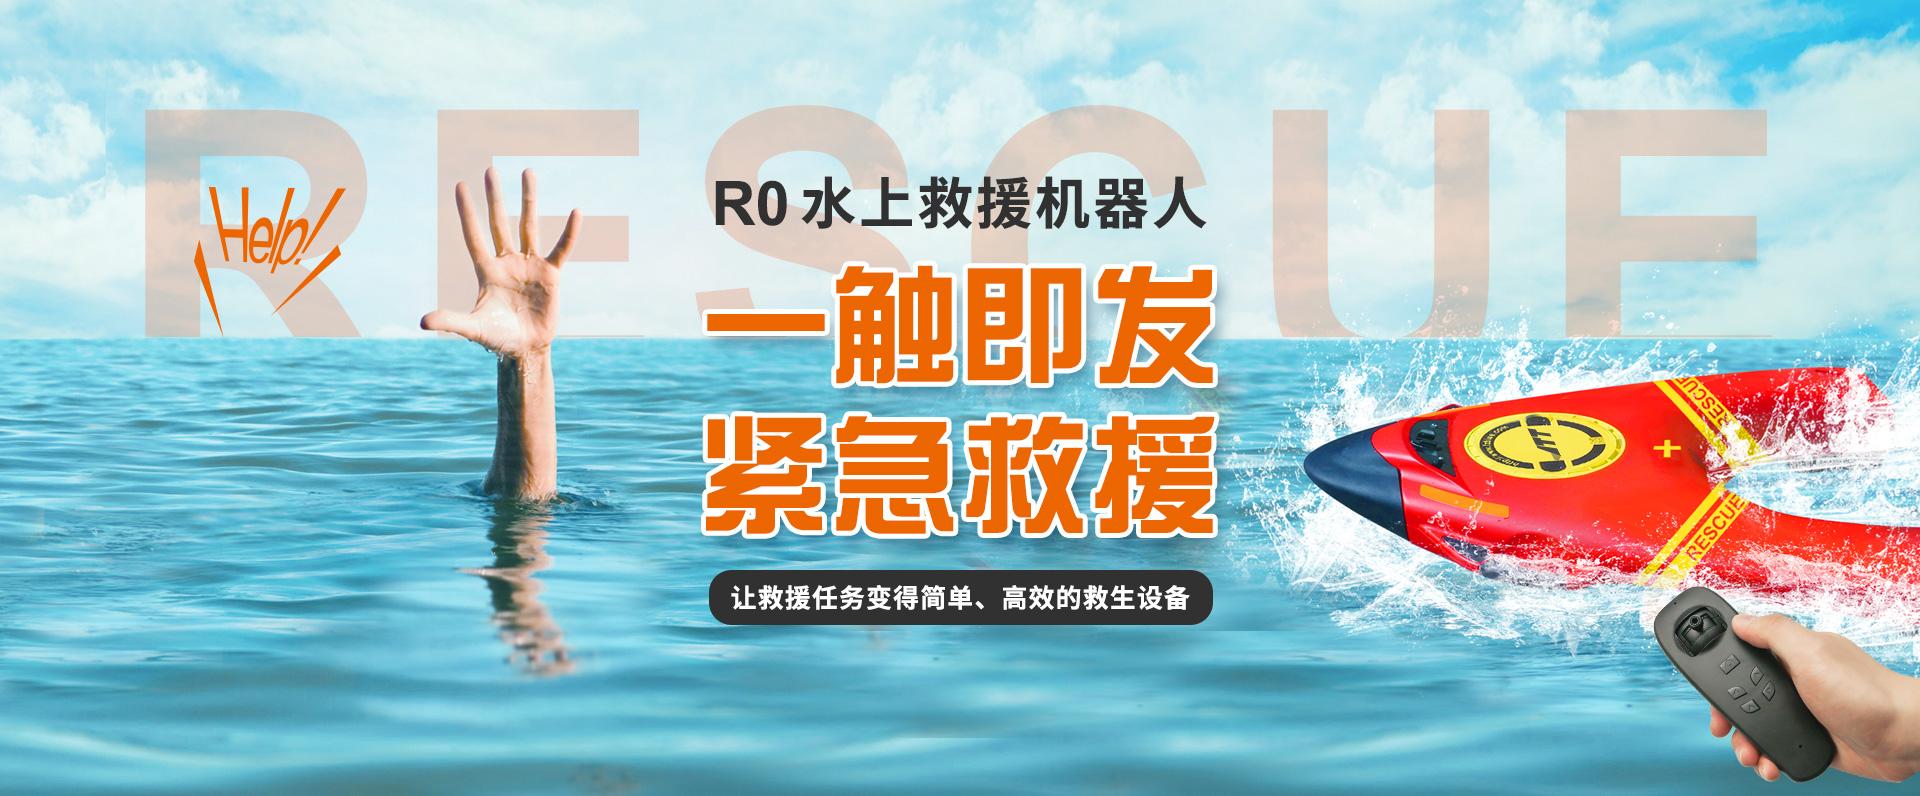 R0水上救援机器人